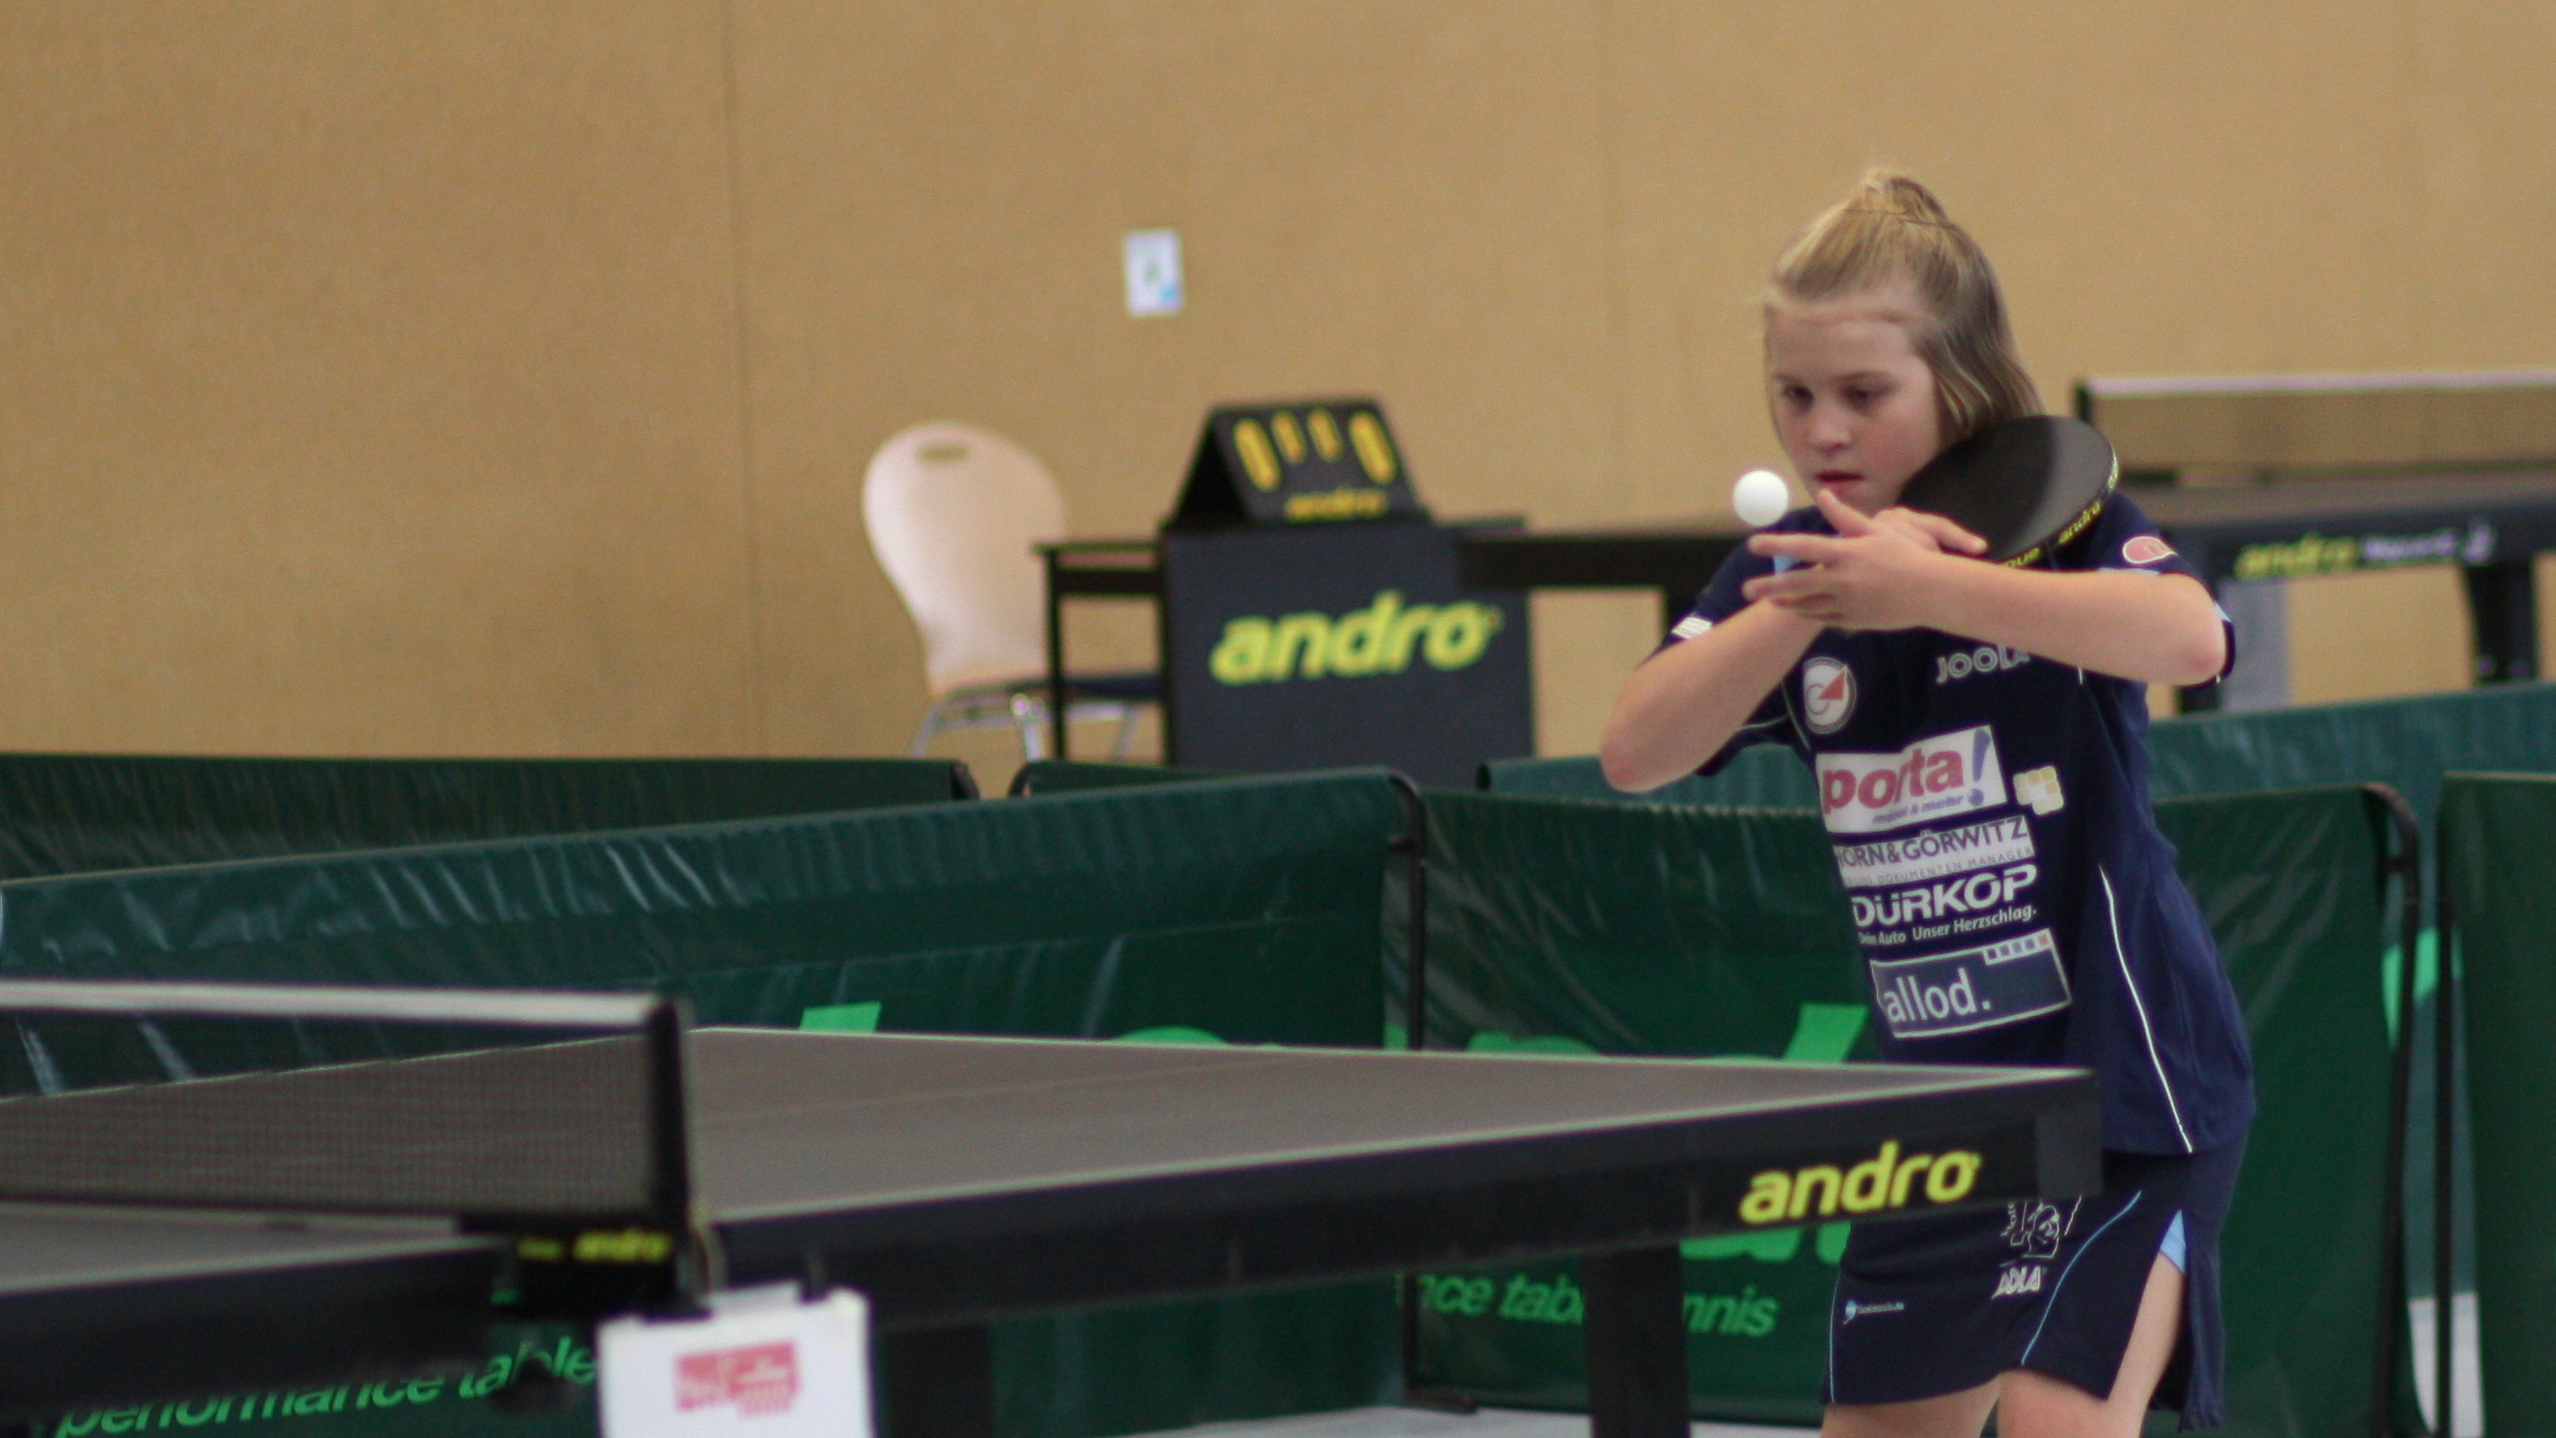 Auch im eastside-Dress weiterhin erfolgreich: Landesranglisten-Siegerin der B-Schülerinnen Josphine Plonies.